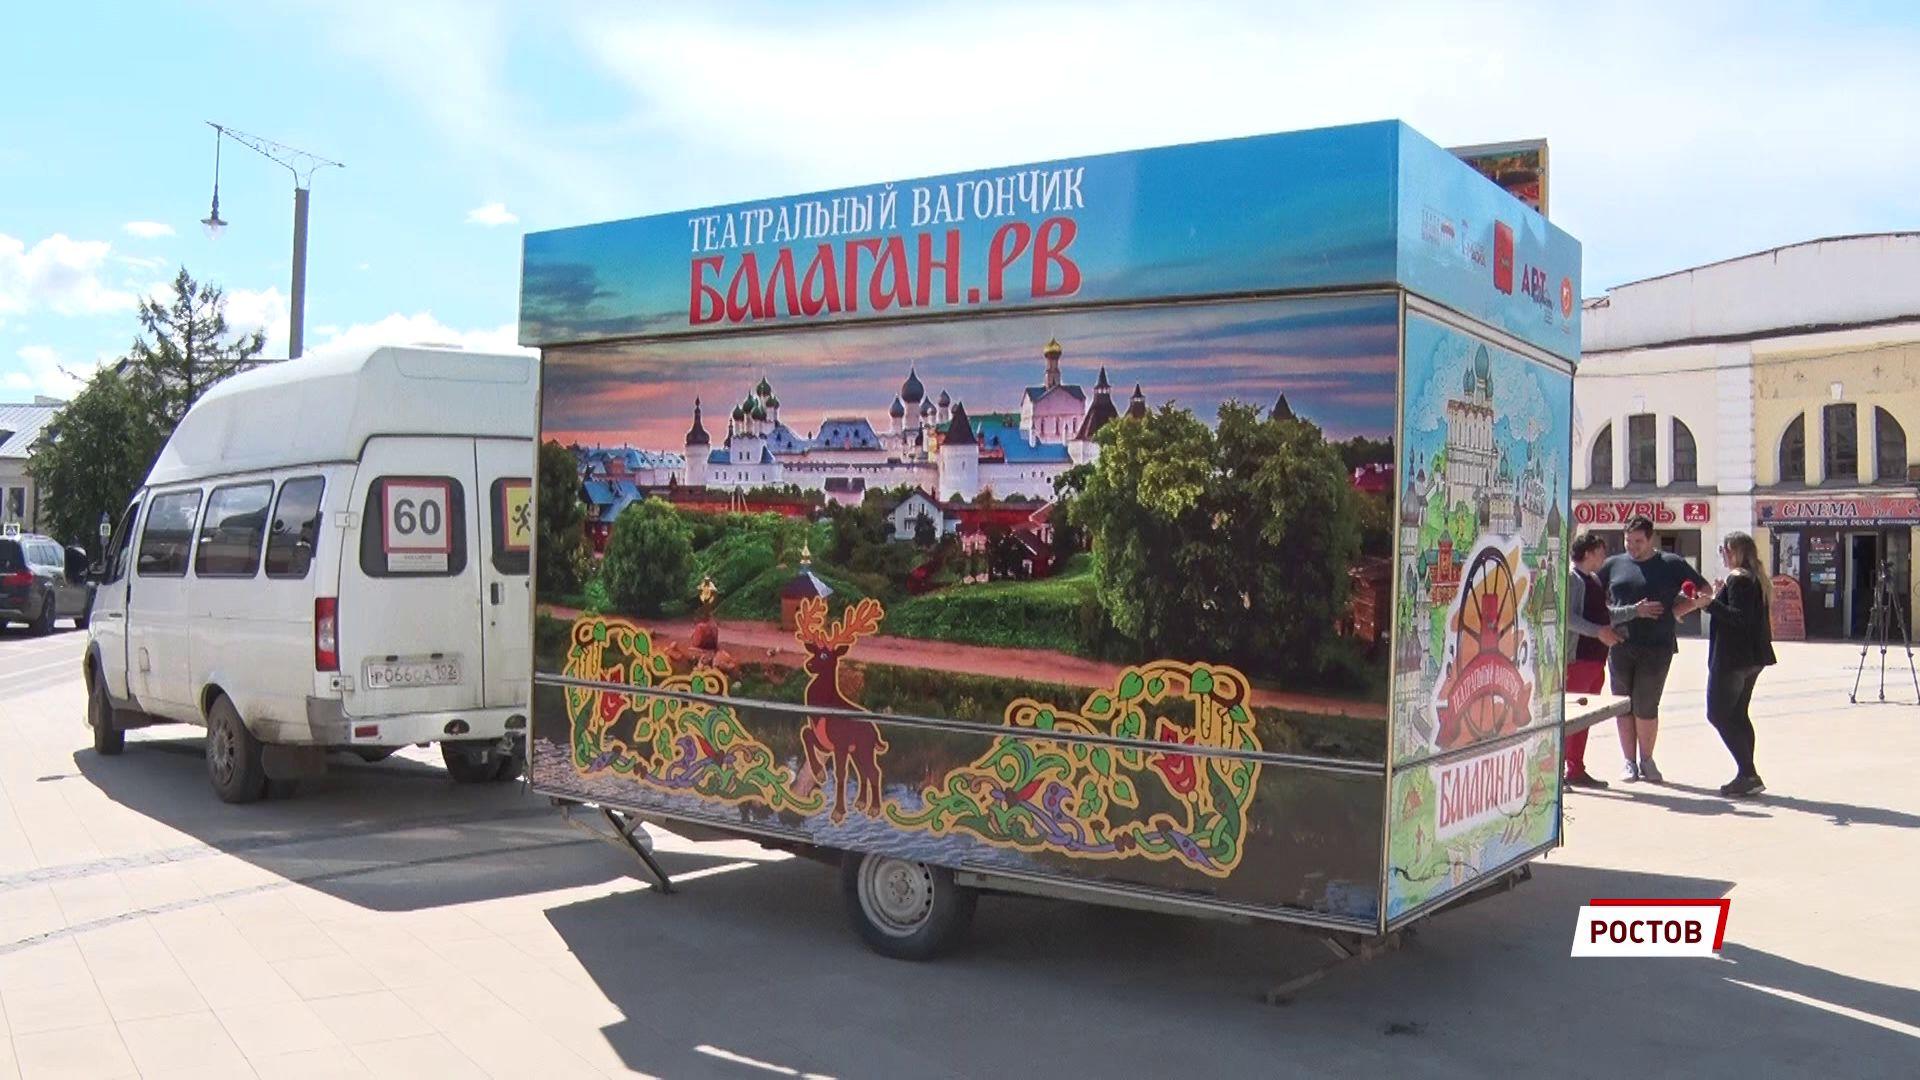 В Ростове энтузиасты выиграли грант и построили веселый балаганчик